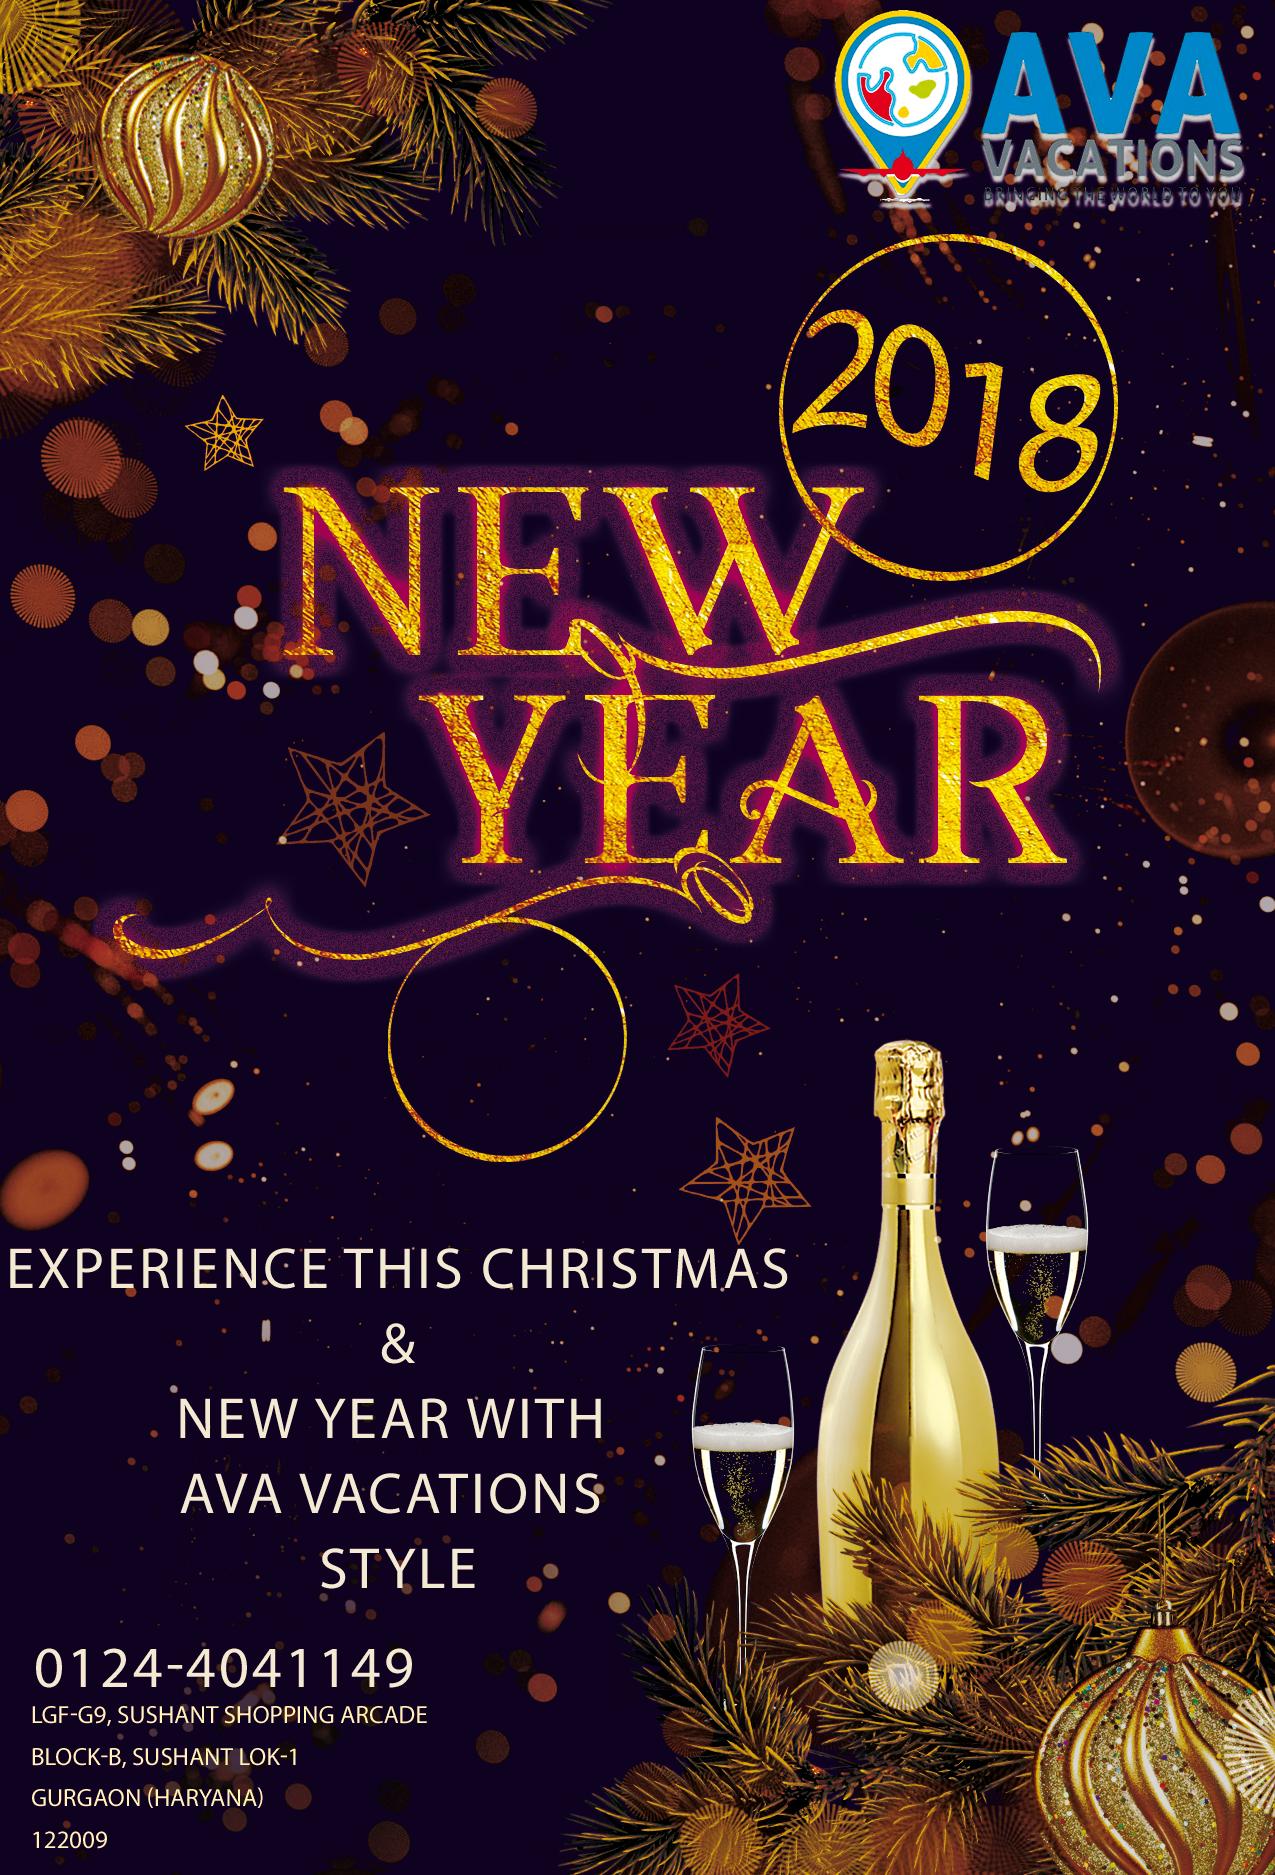 Happy New Year AVA Vacations Pvt. Ltd. LGFG9, Sushant